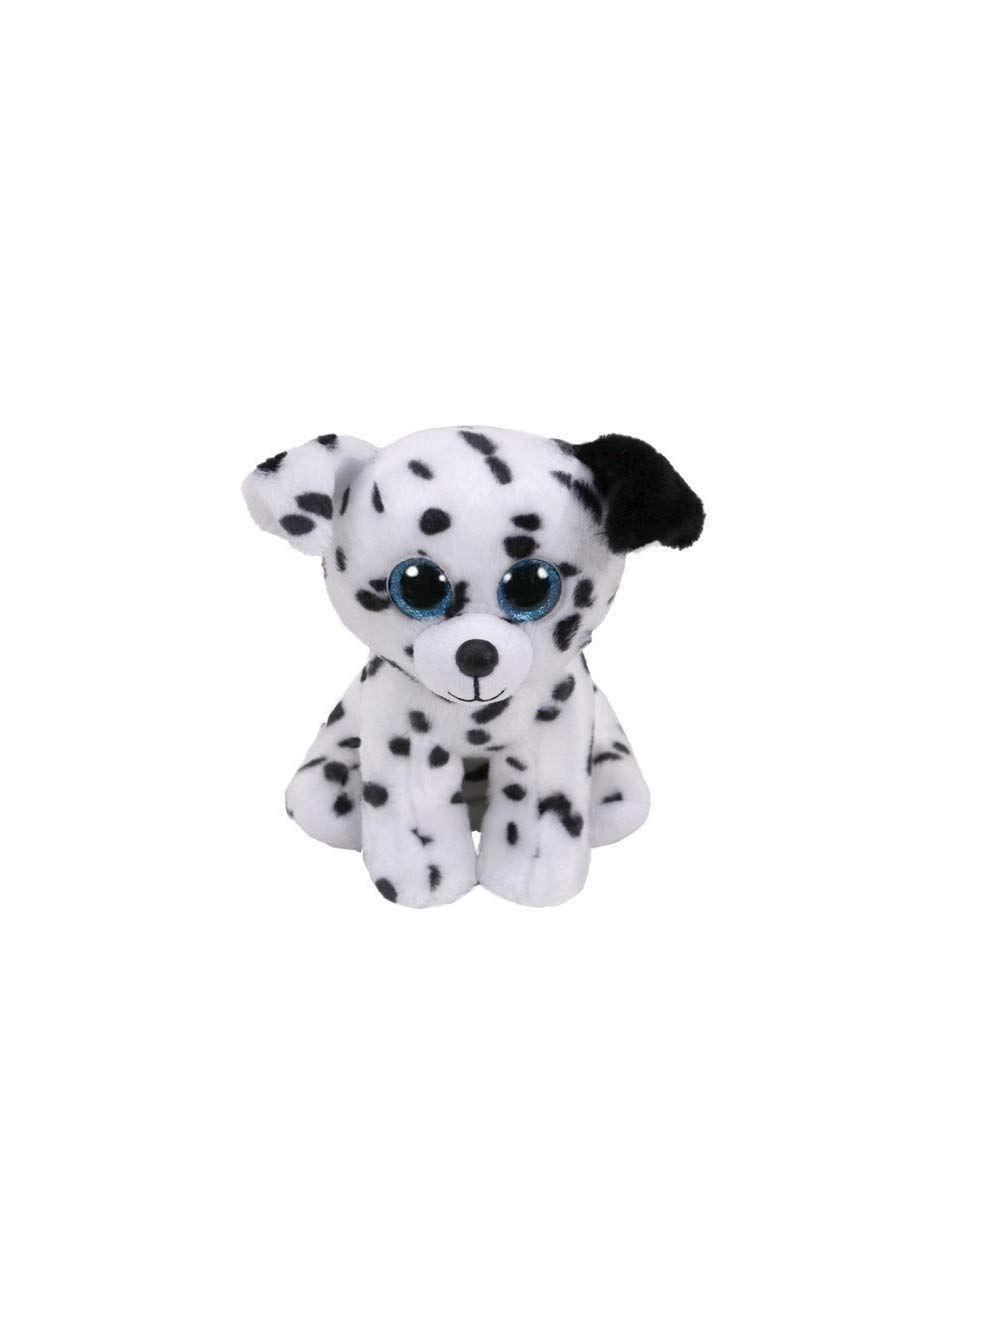 TY-42303-Beanie-Boo-039-s-Glubschis-Catcher-Dalmatiner-15-cm